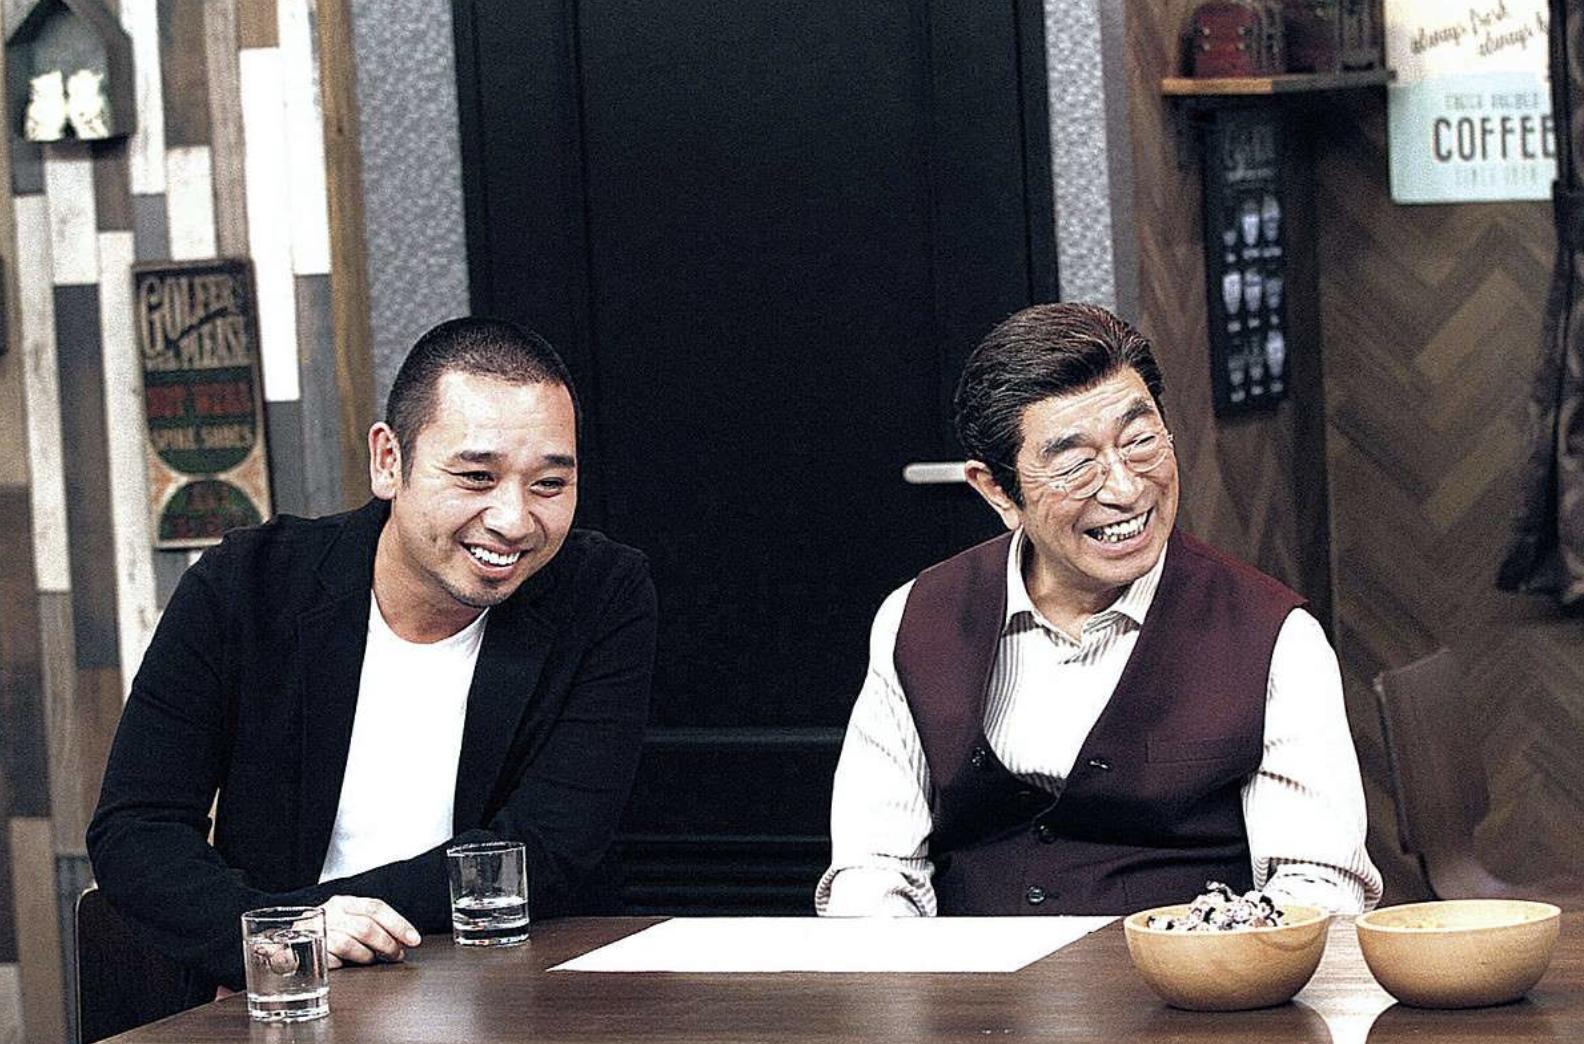 志村友達の出演キャストと放送地域はどこ?見逃し動画を無料視聴する方法は?